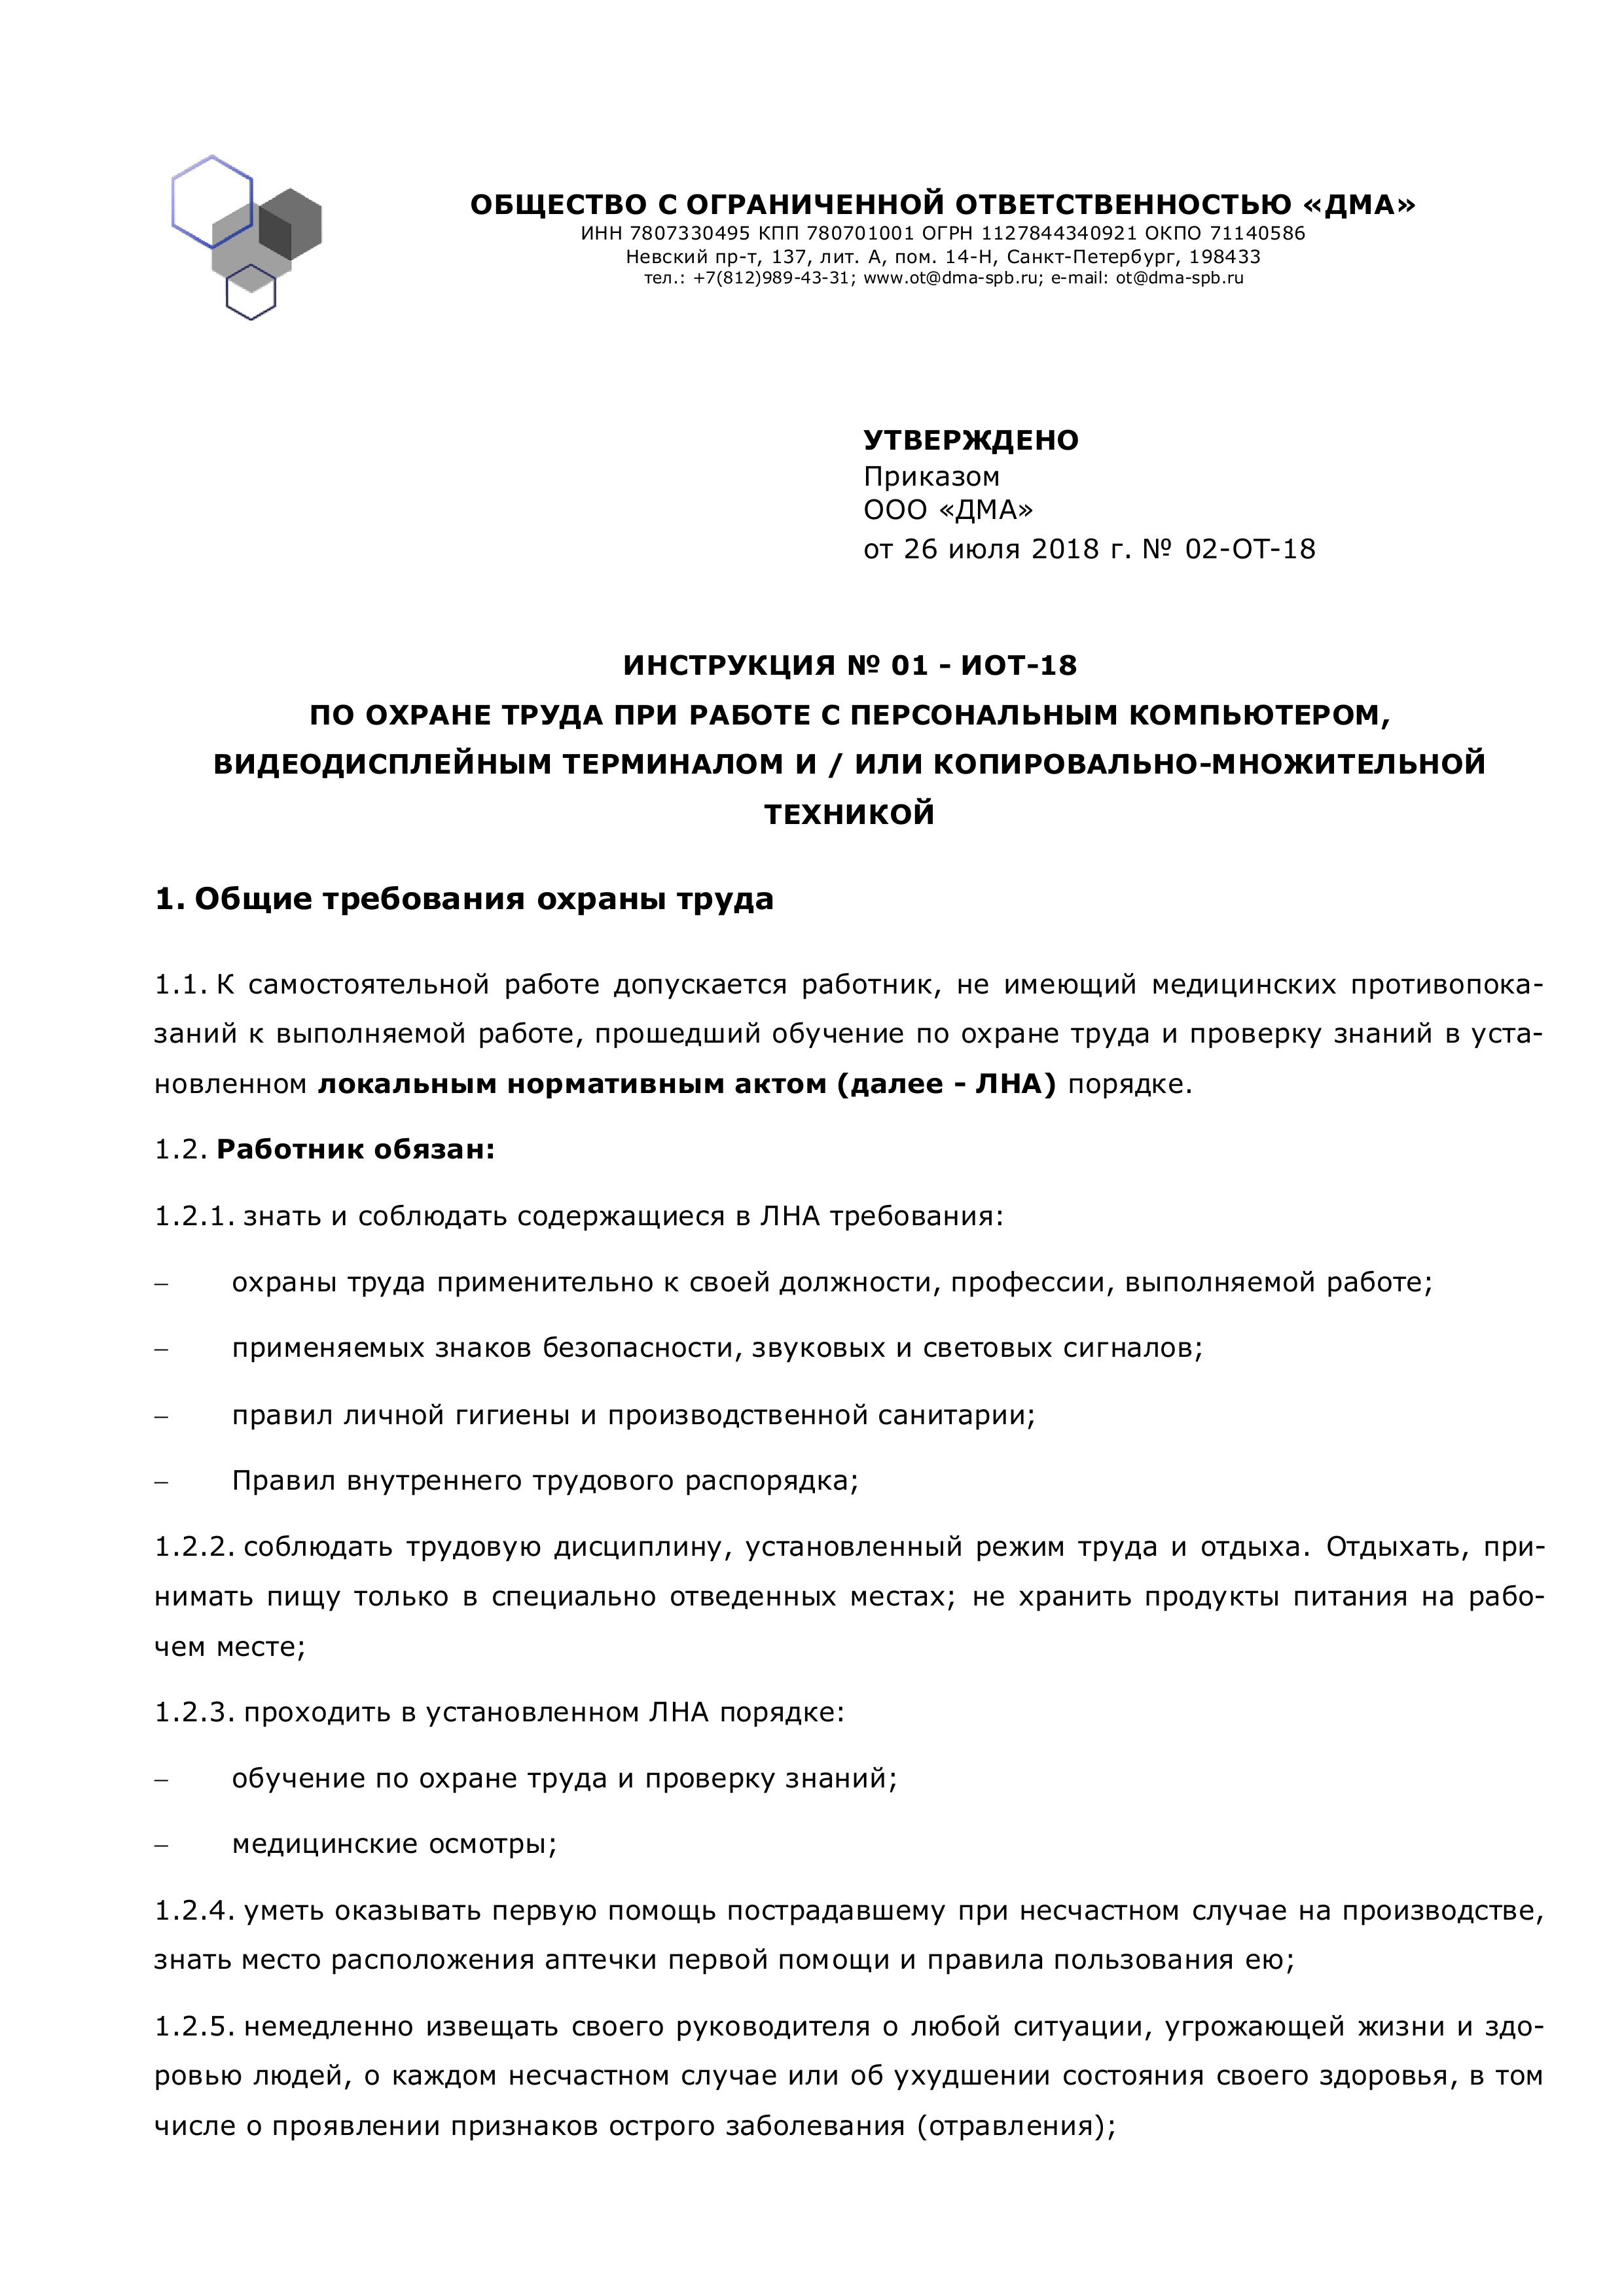 Инструкции по охране труда официанта